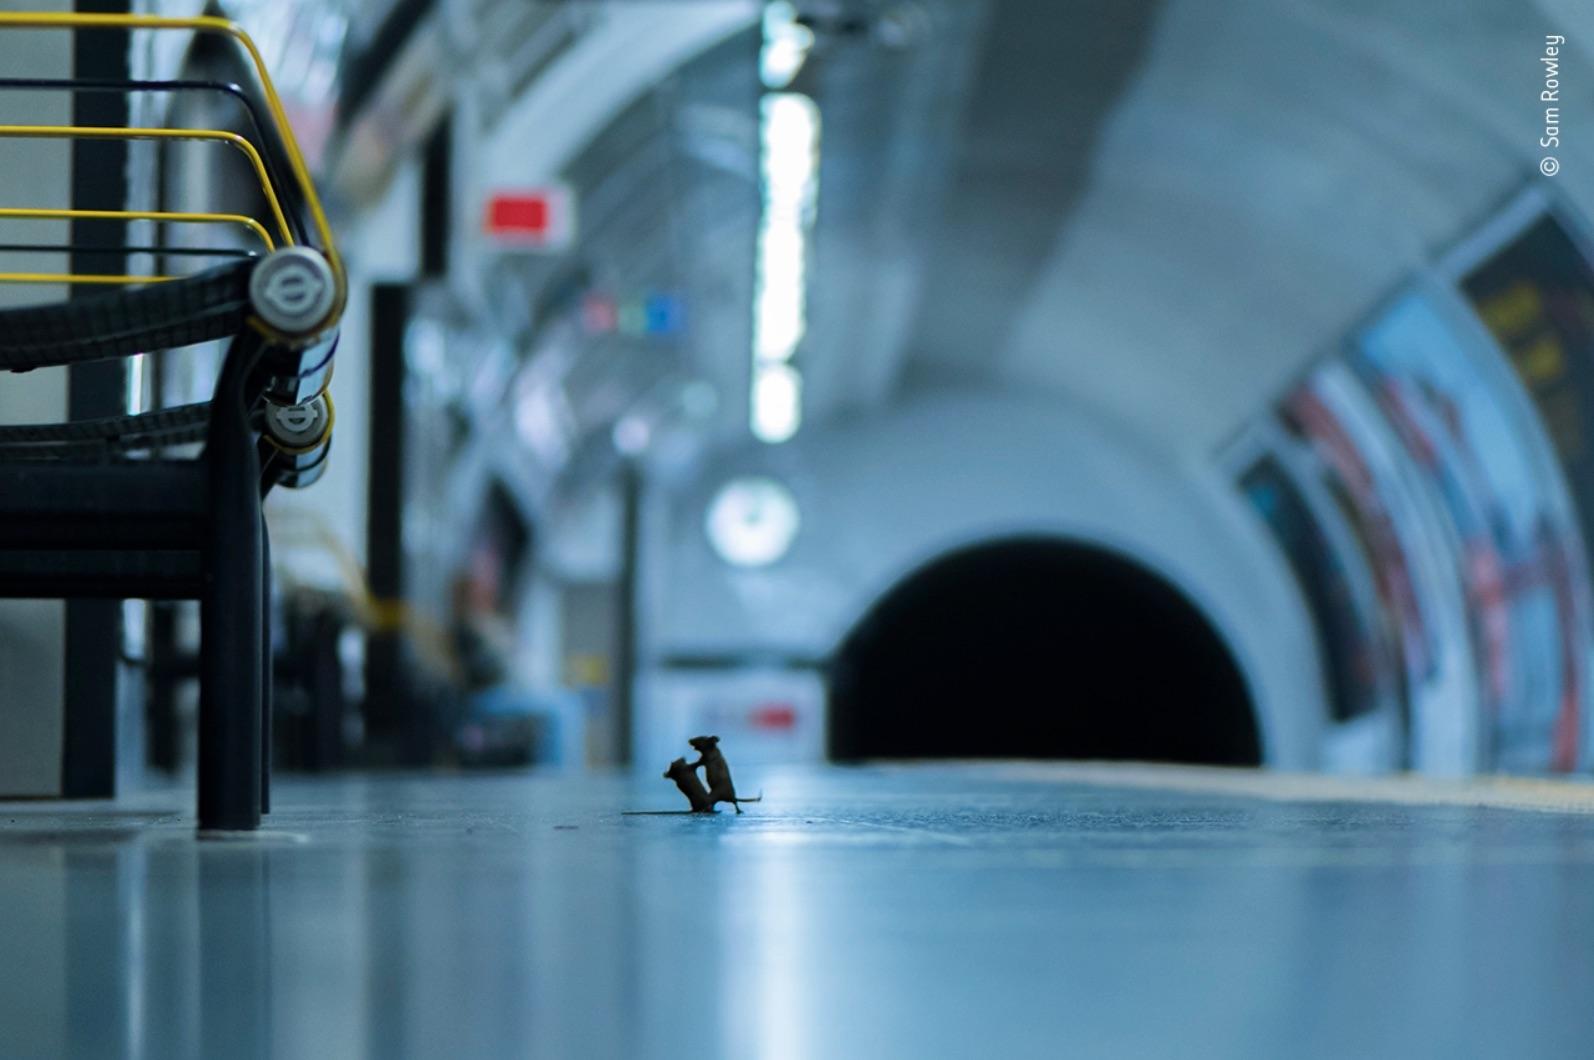 Due topi che si azzuffano nella metropolitana di Londra. La foto di cui tutti parlano